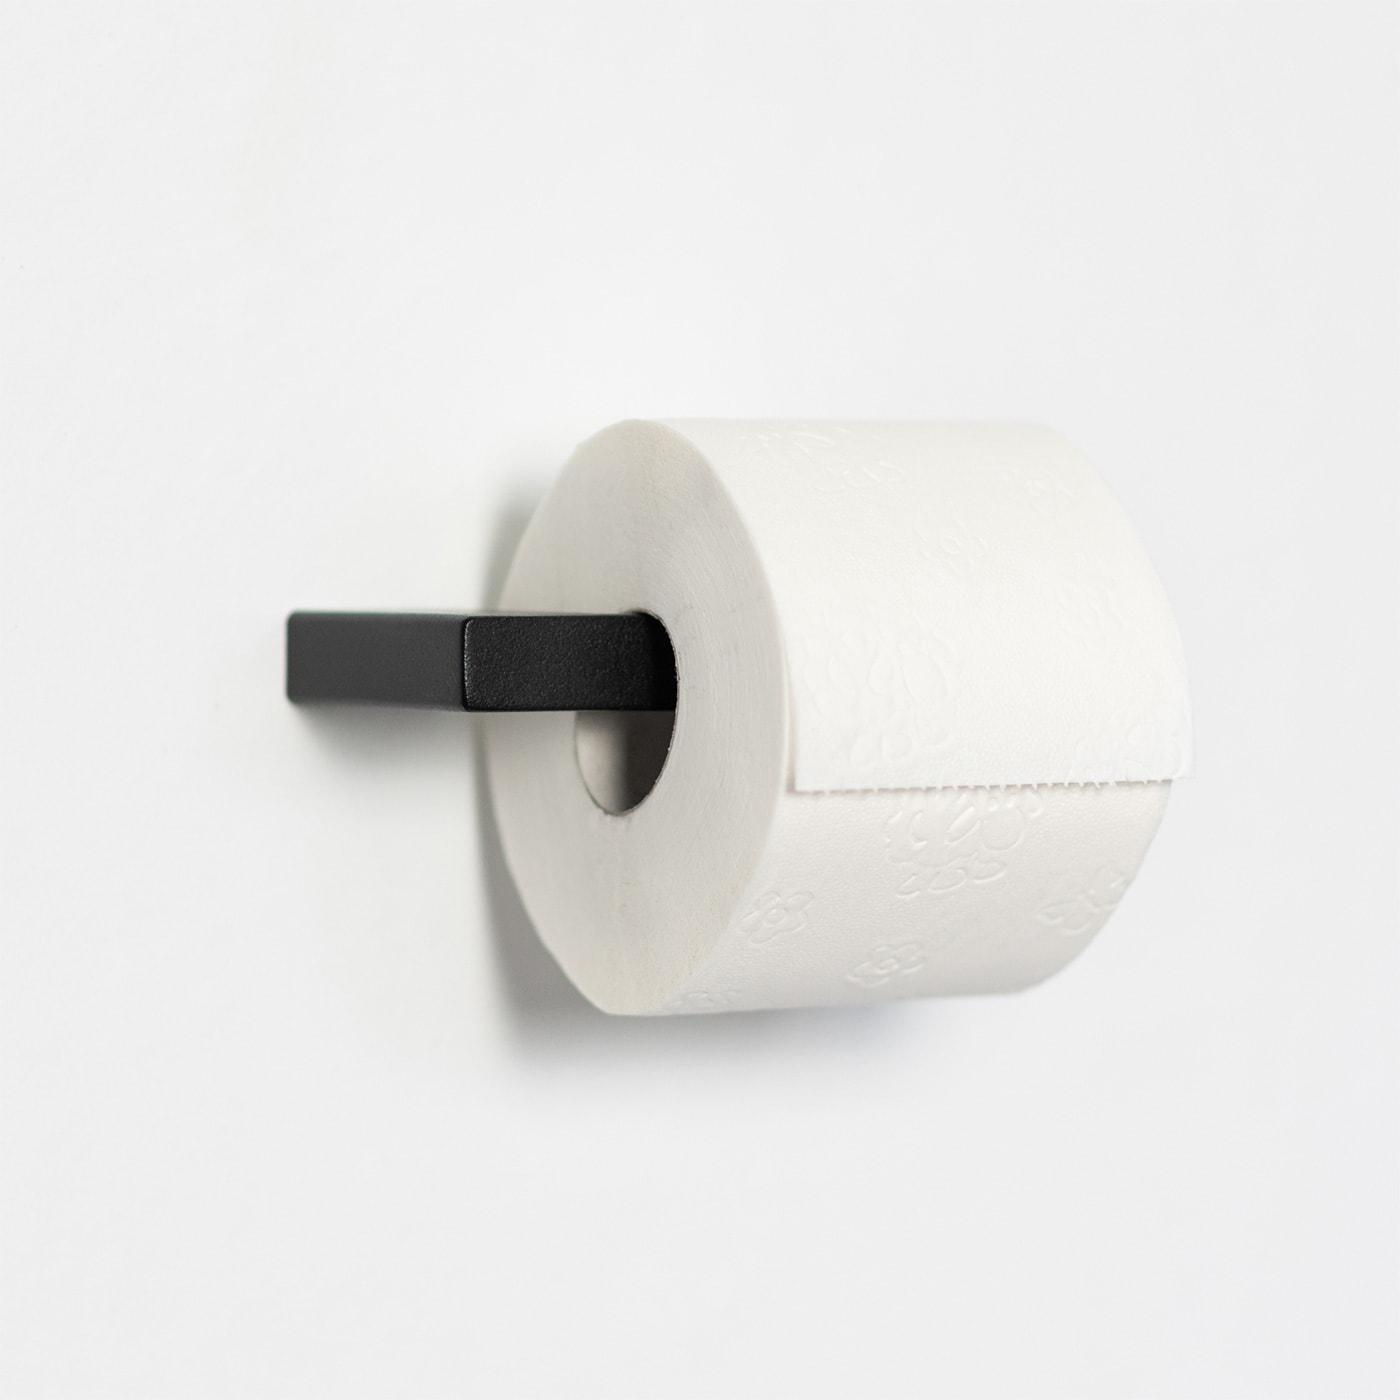 01 tuali toilettenpapierhalter klopapierhalter halter metall stahl stahlrohr schwarz metallbude